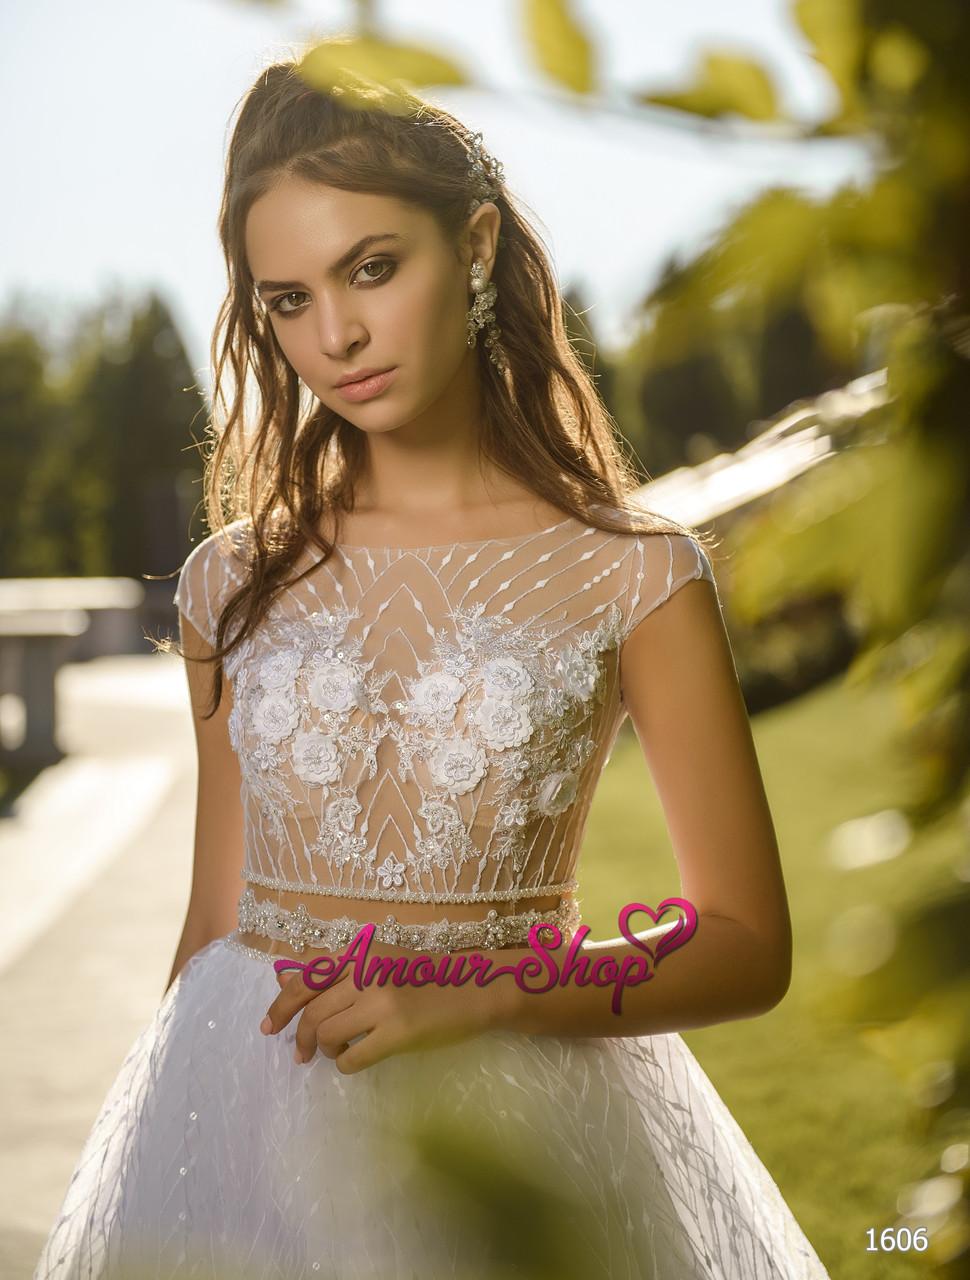 Весільна сукня пошиття під замовлення, Київ.